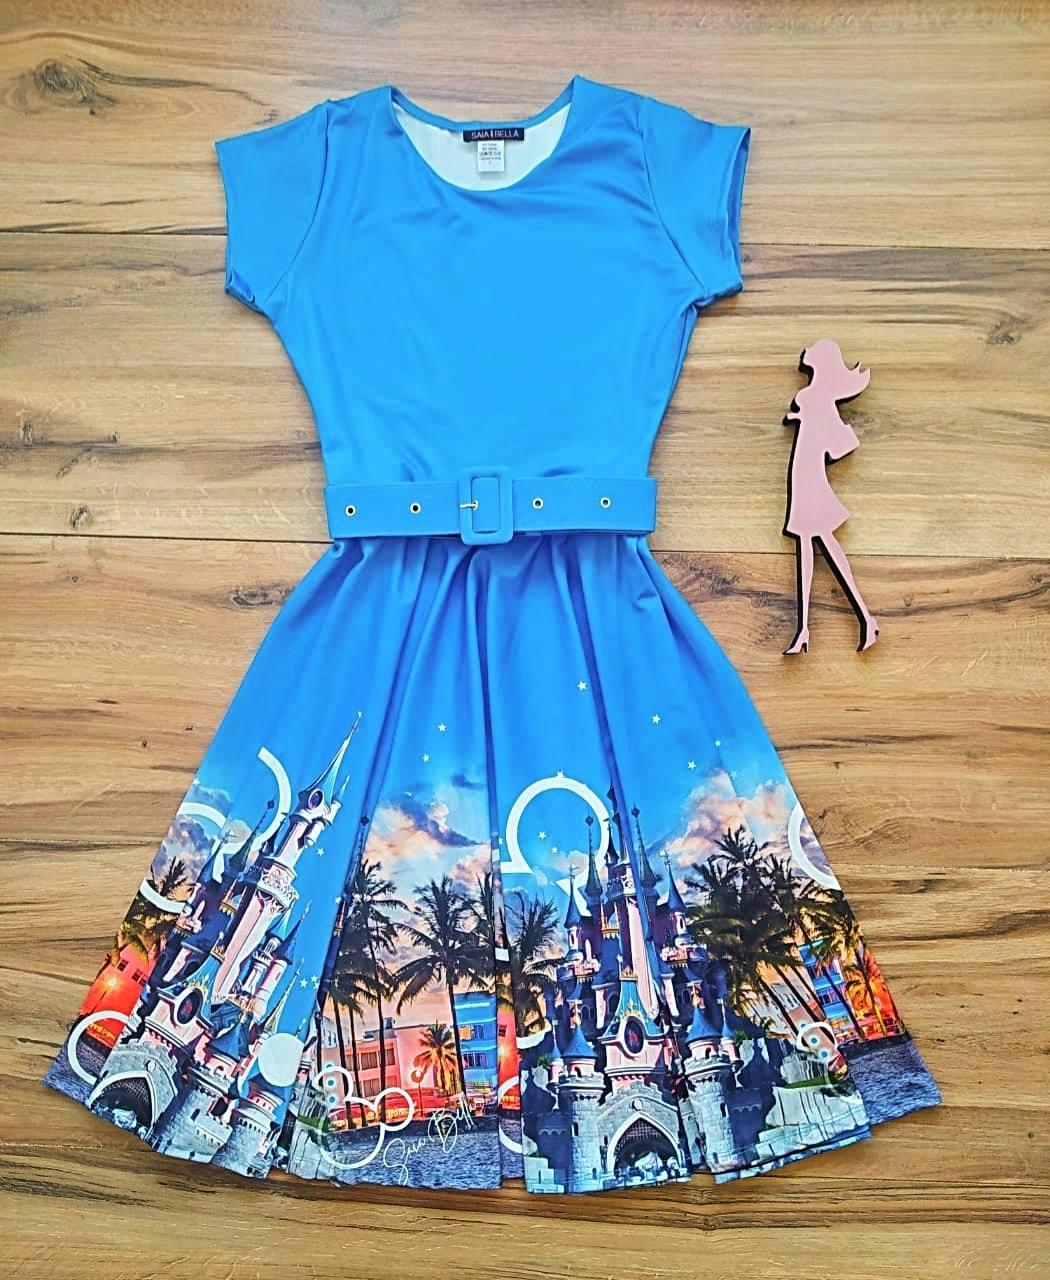 Vestido Orlando Modelo Midi/ Godê  - Saia Bella cod SB3302 - Azul